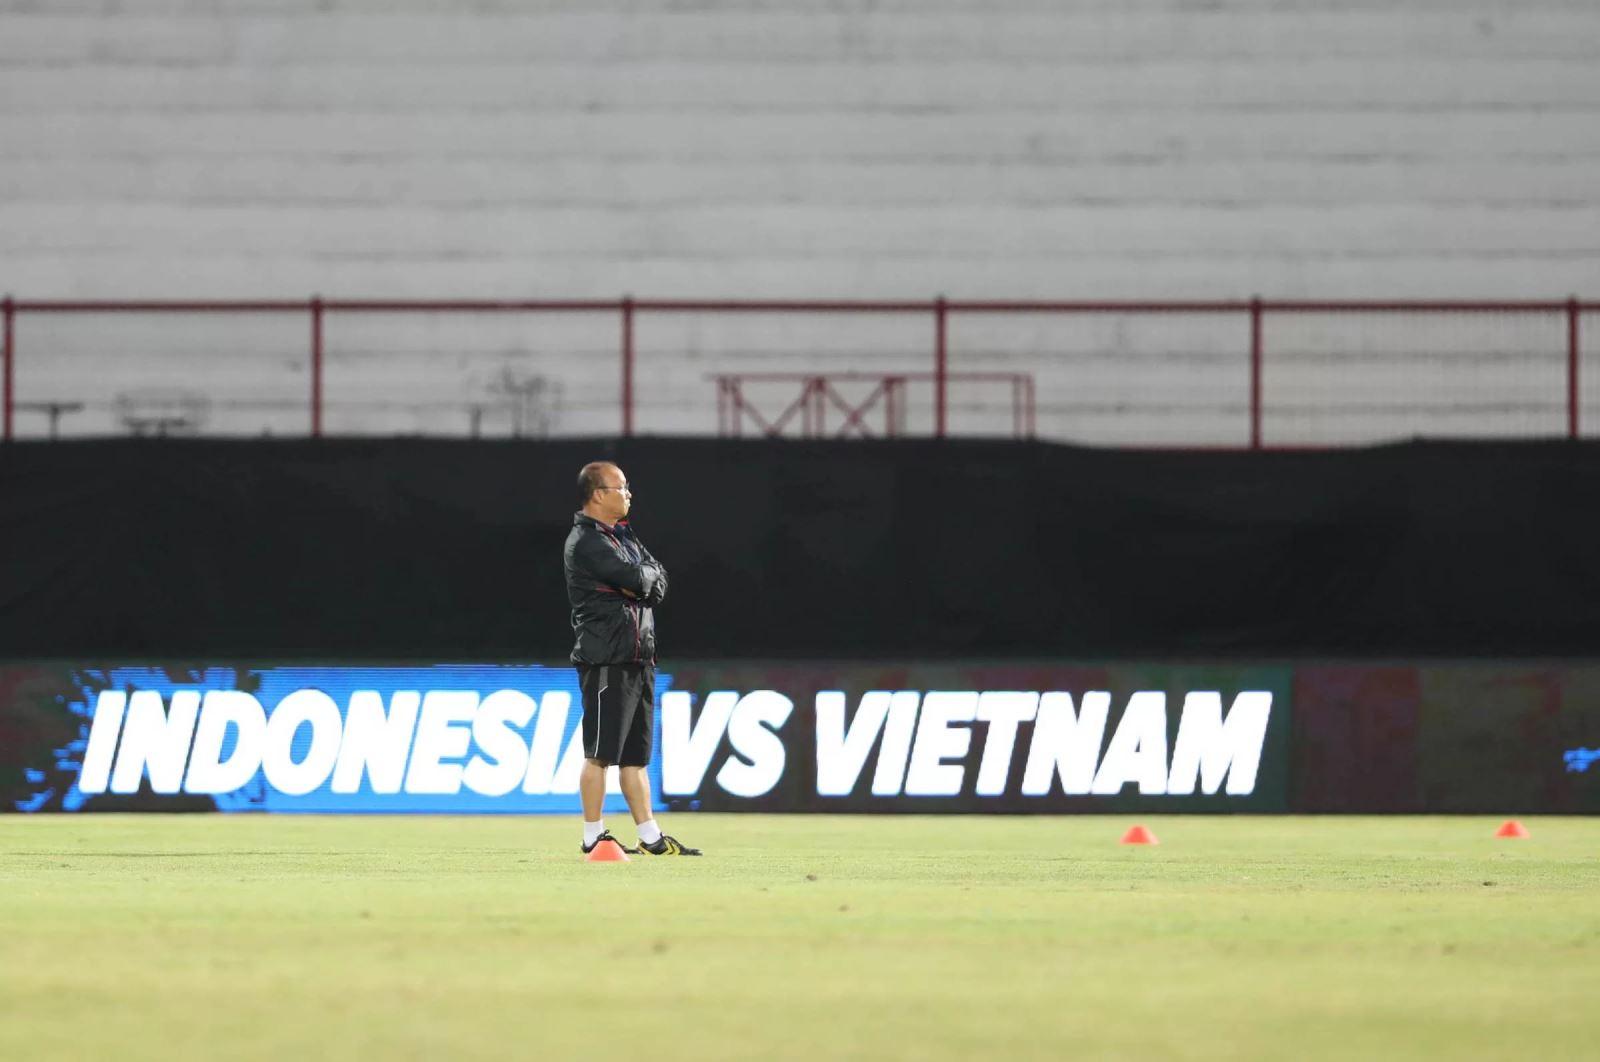 VTV6, truc tiep bong da hôm nay, Indonesia đấu với Việt Nam, VTC1, VTV5, VTC3, trực tiếp bóng đá, Việt Nam vs Indonesia, xem bóng đá trực tuyến, VN vs Indo, bong da